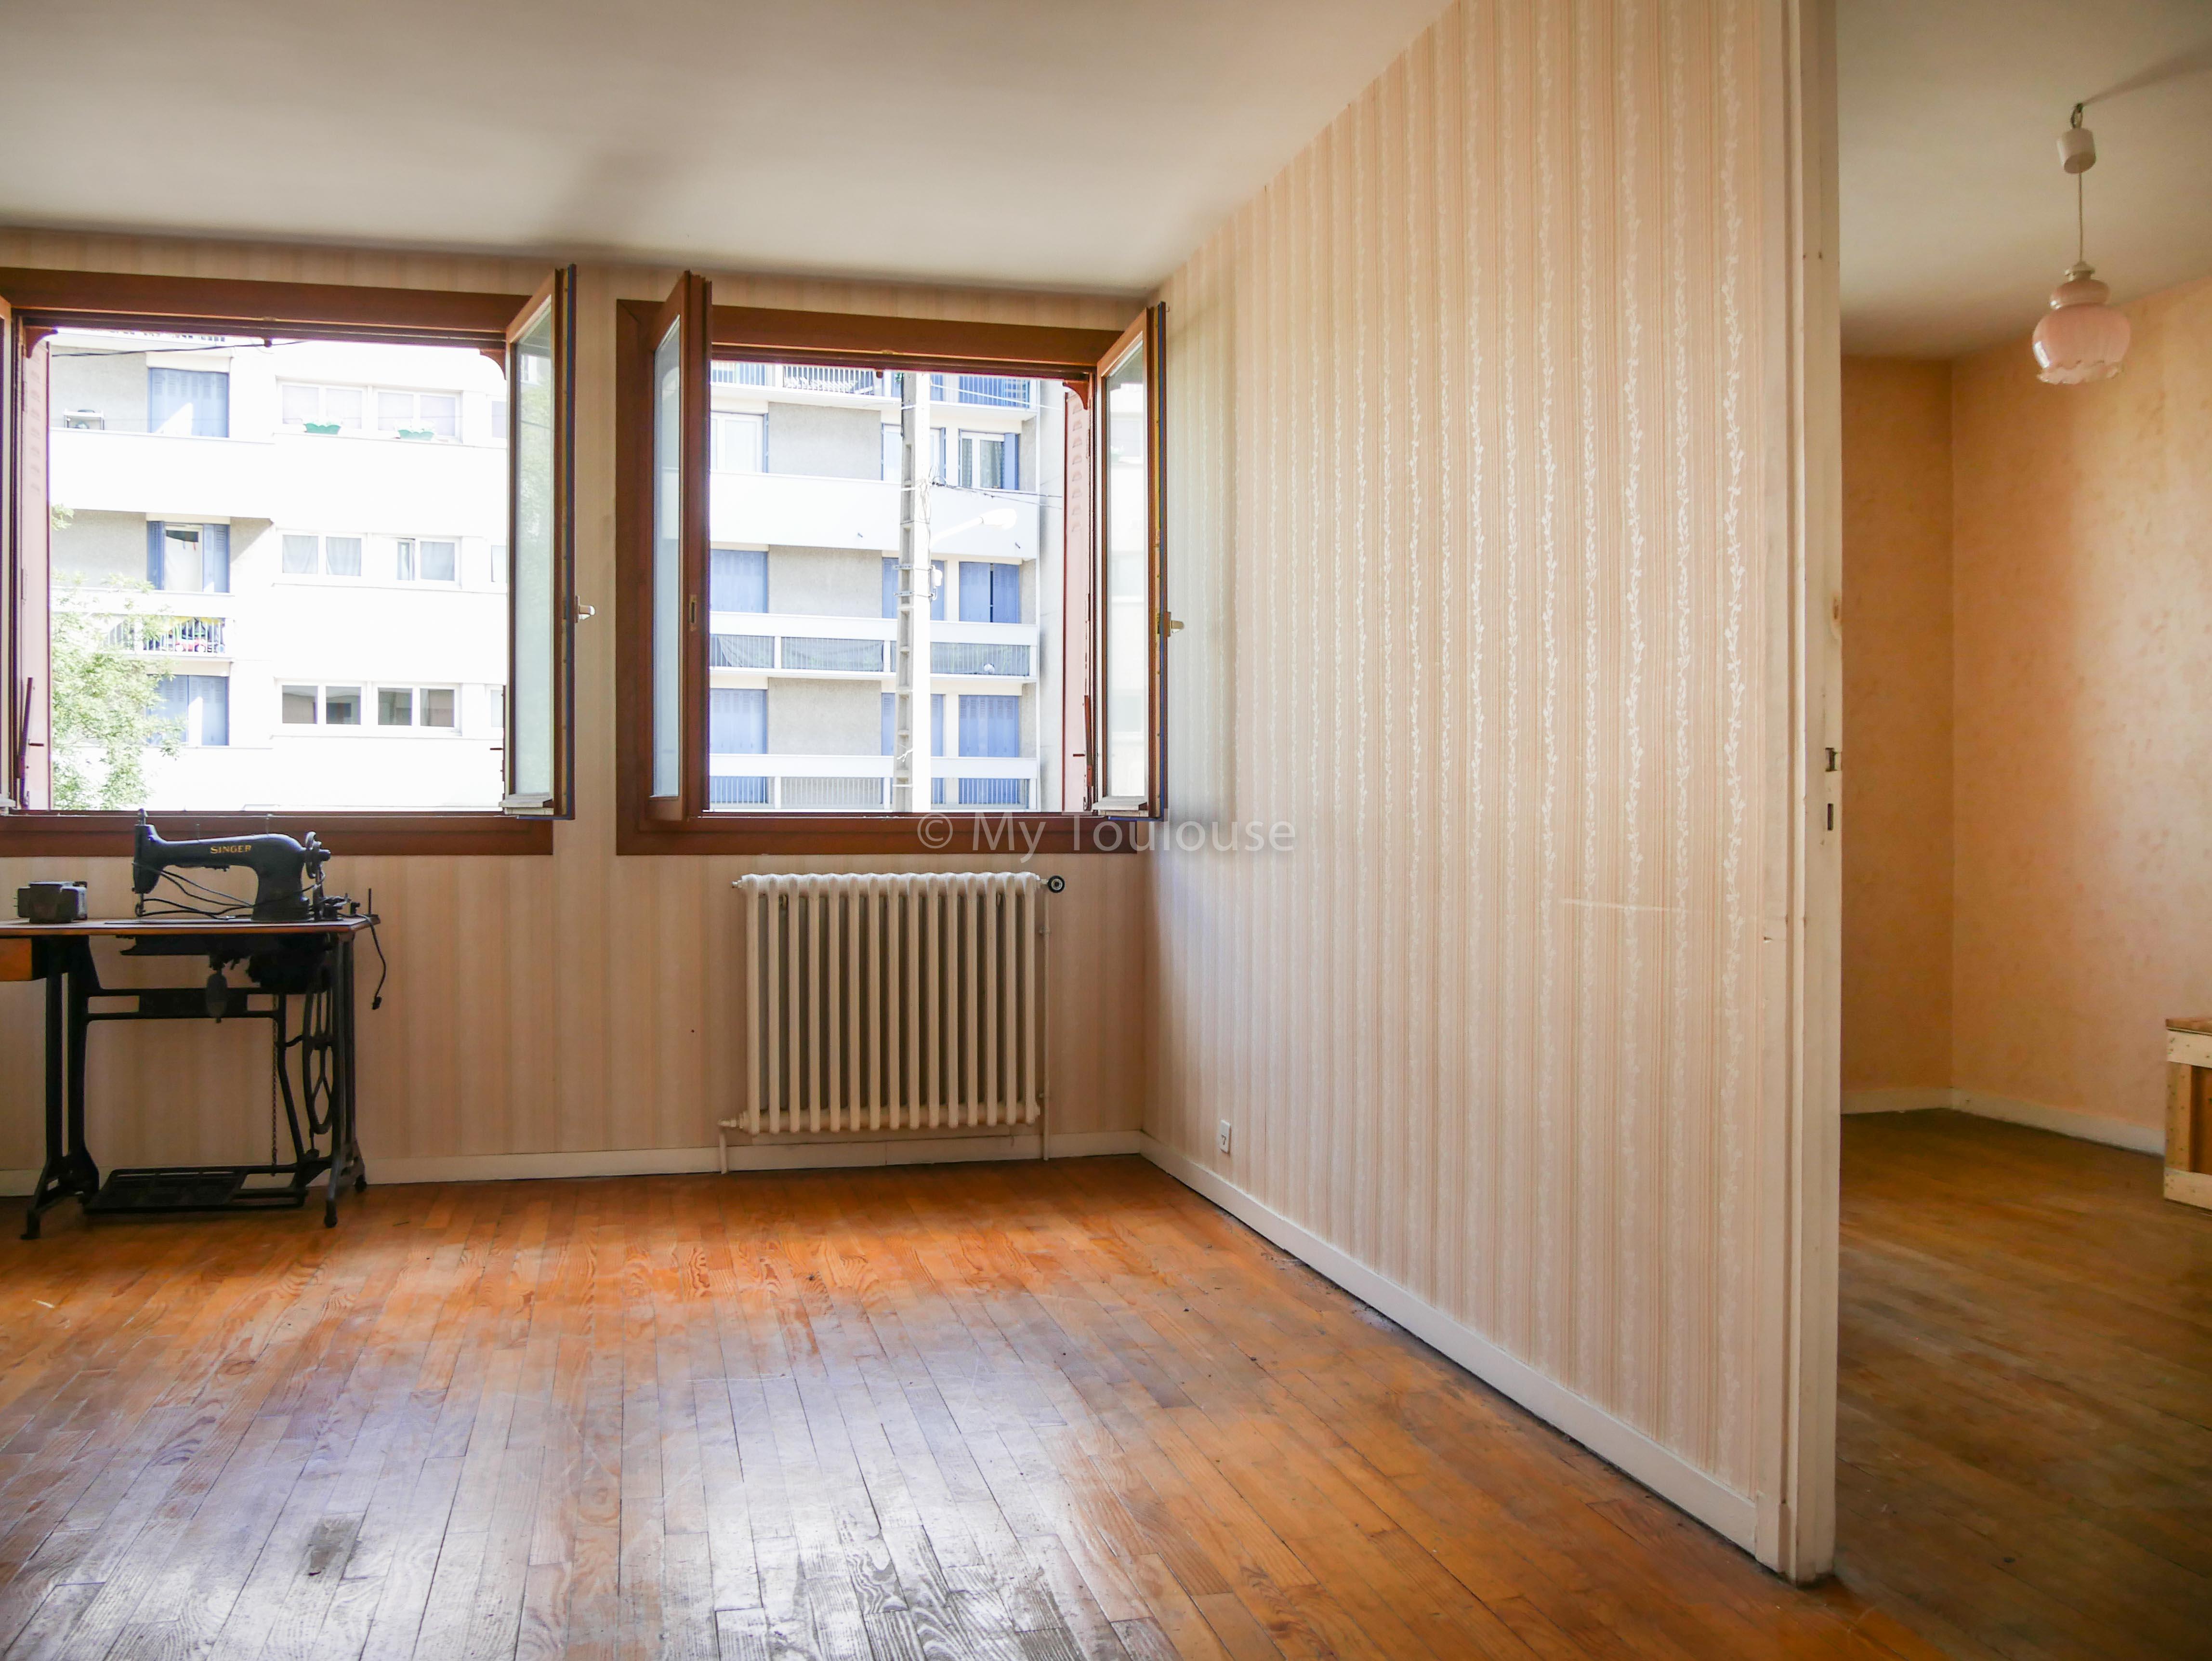 Toulouse la pointe t2 lumineux avec garage dans for Appartement toulouse